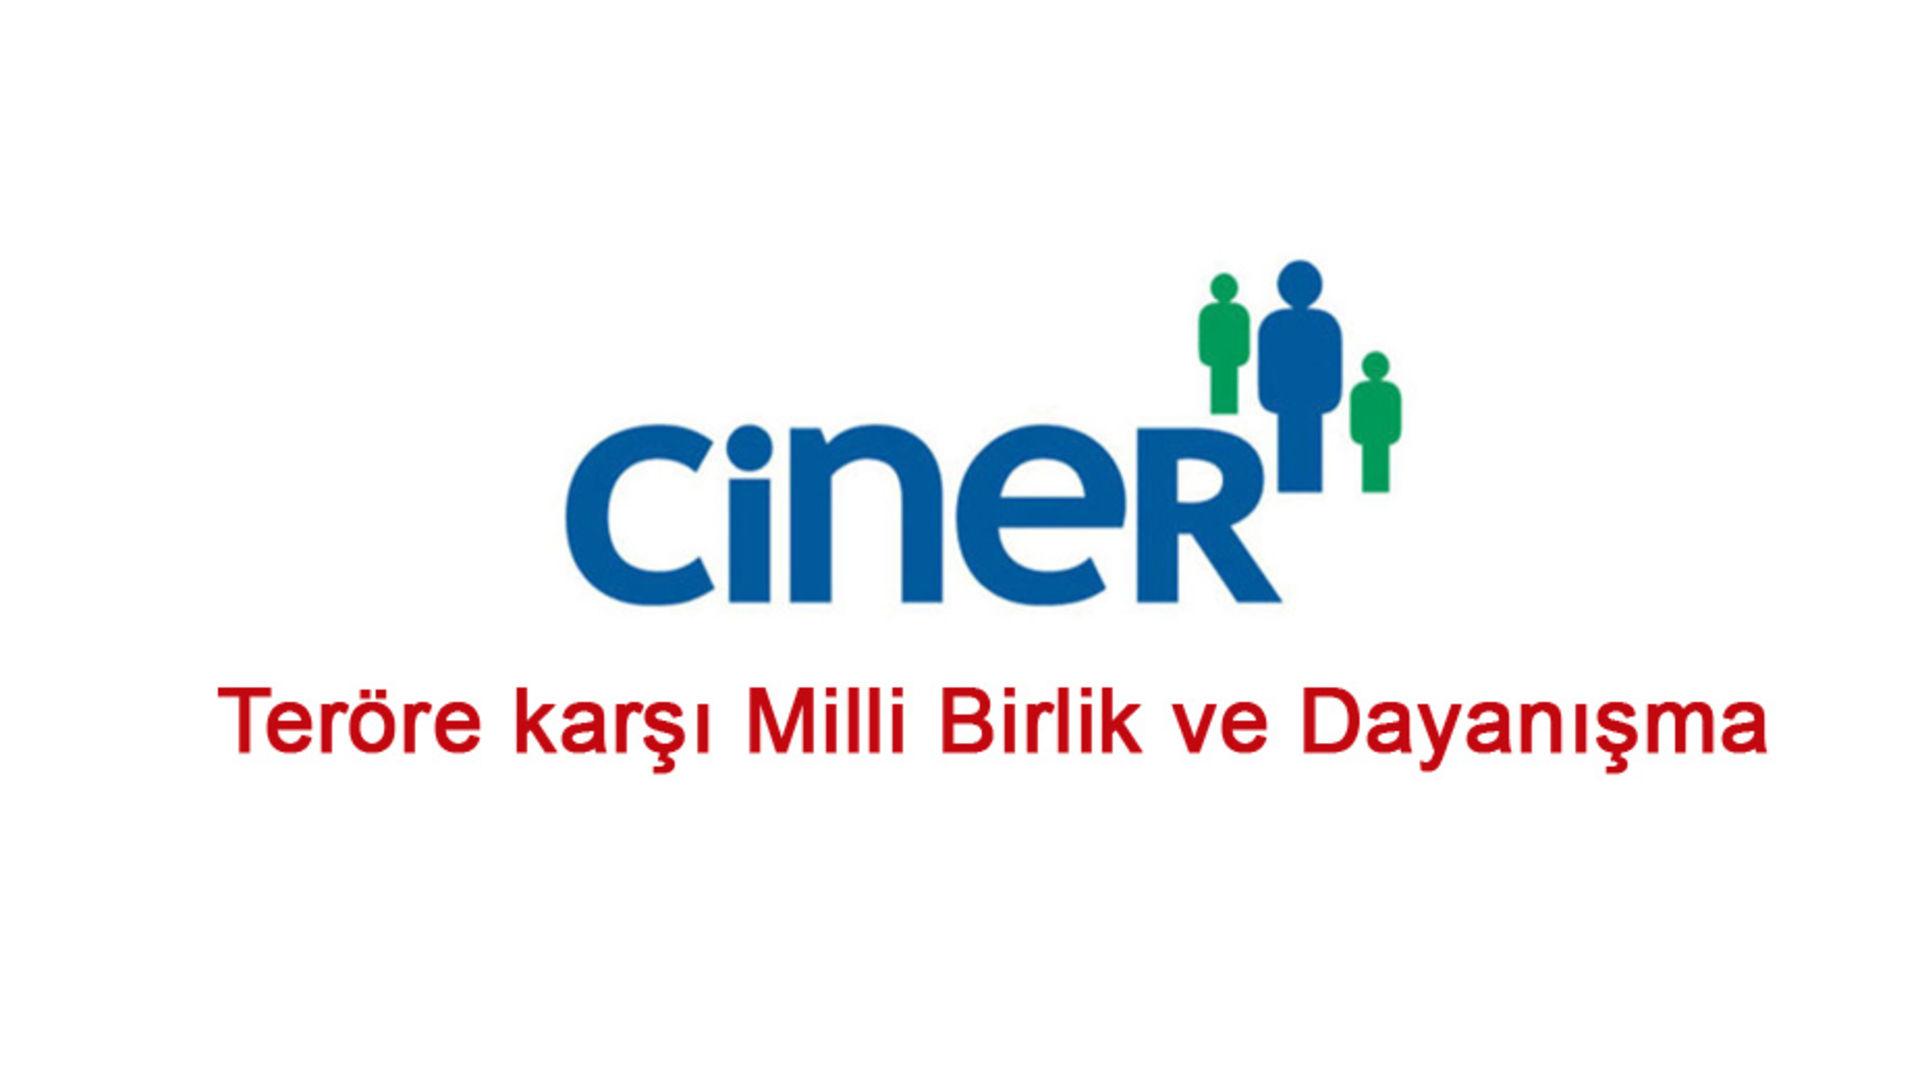 """Ciner Medya'dan """"Teröre karşı Milli Birlik ve Dayanışma"""" açıklaması"""